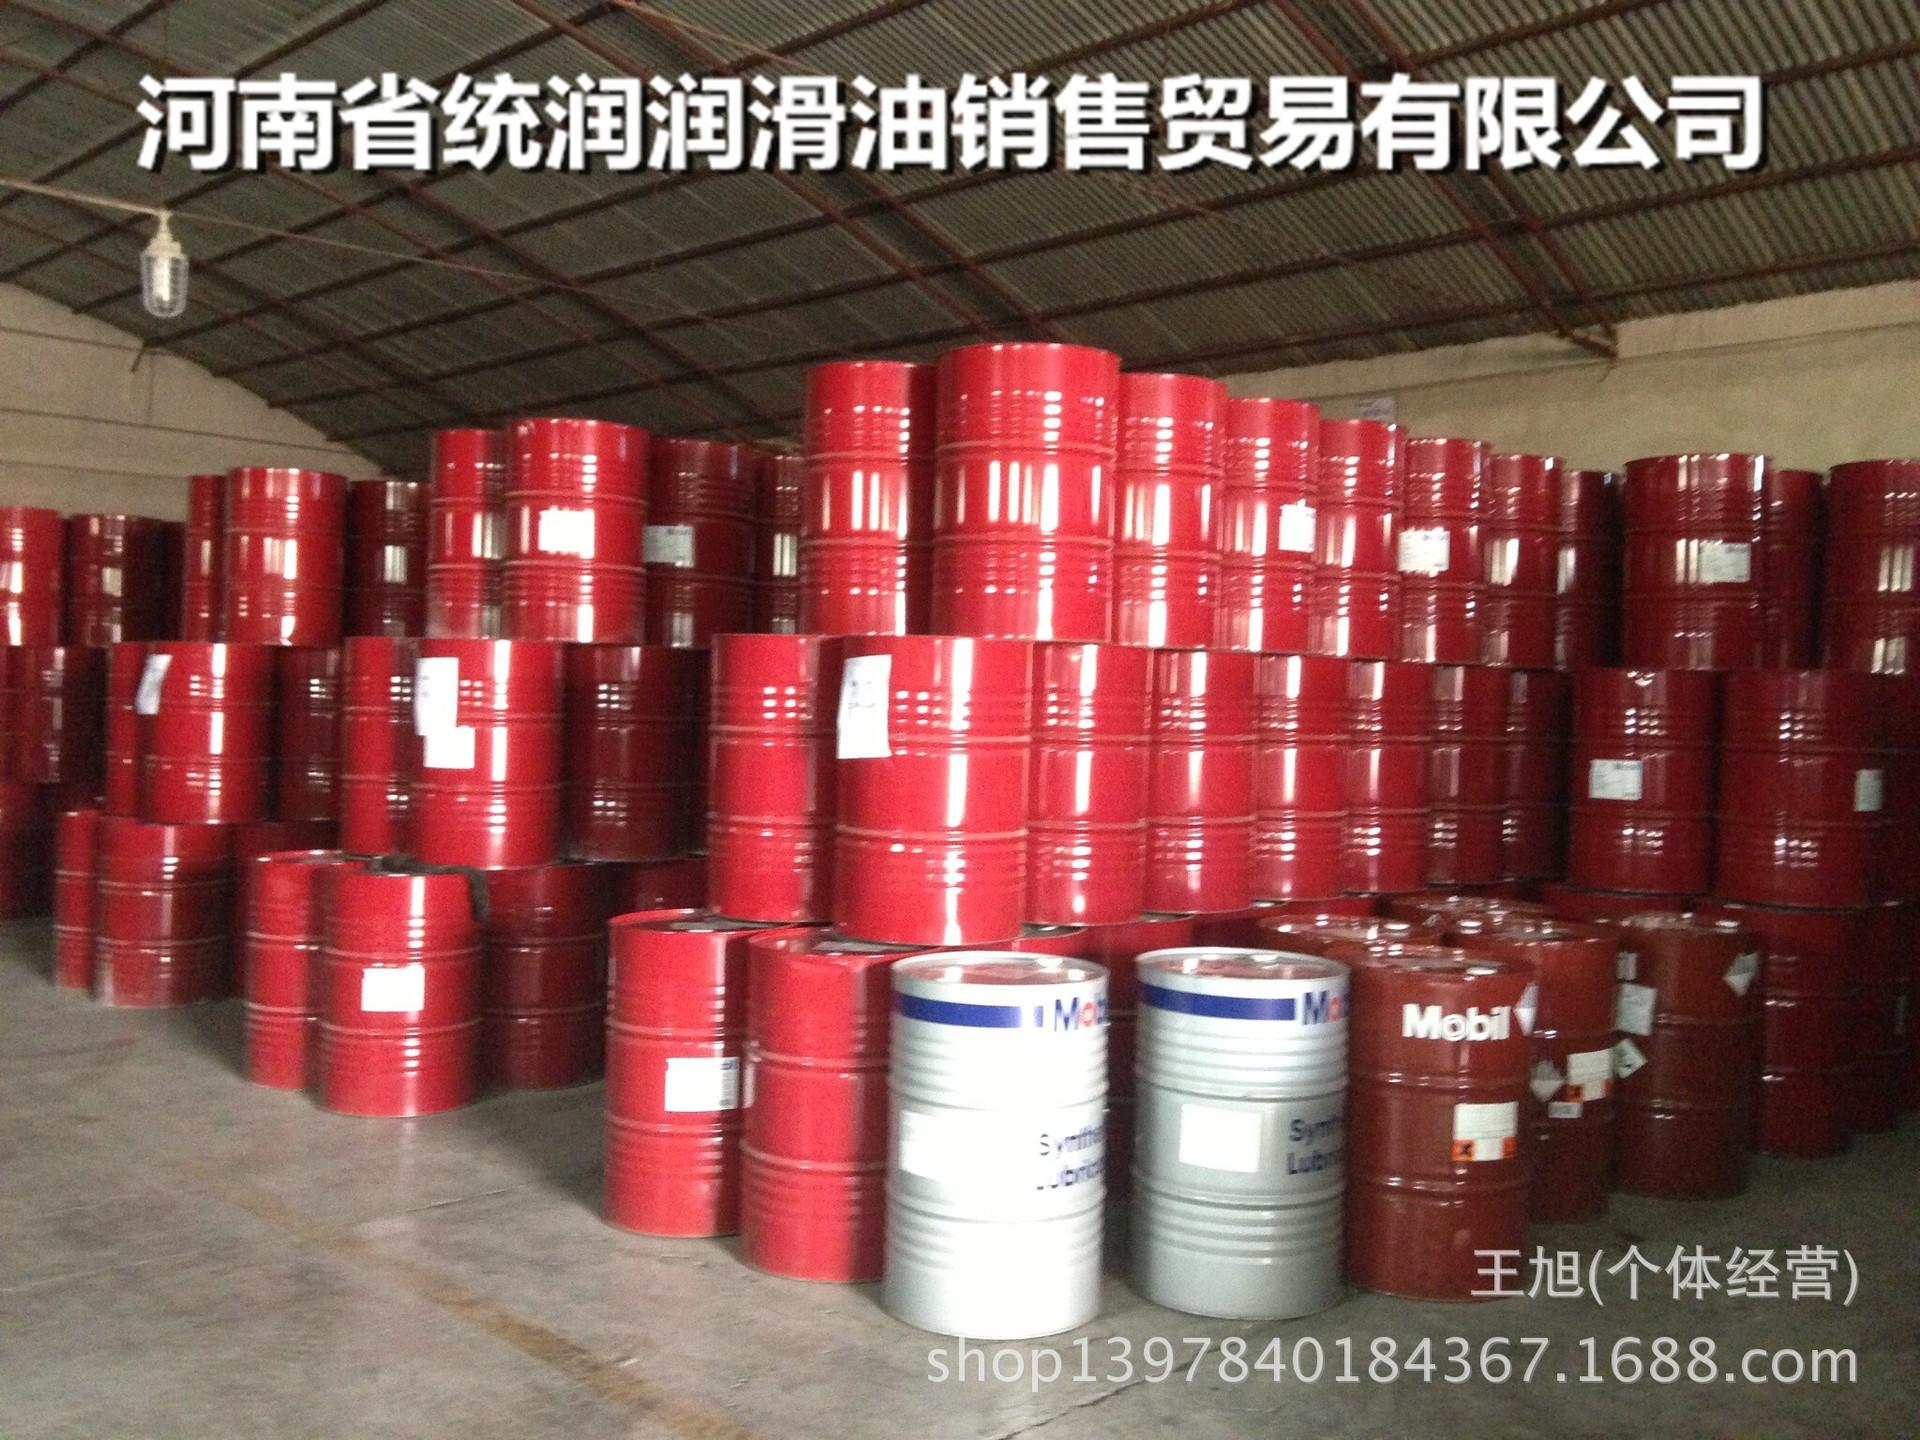 长期批发柳工8号液力传动油/柳工工程机械专用油质量保证量